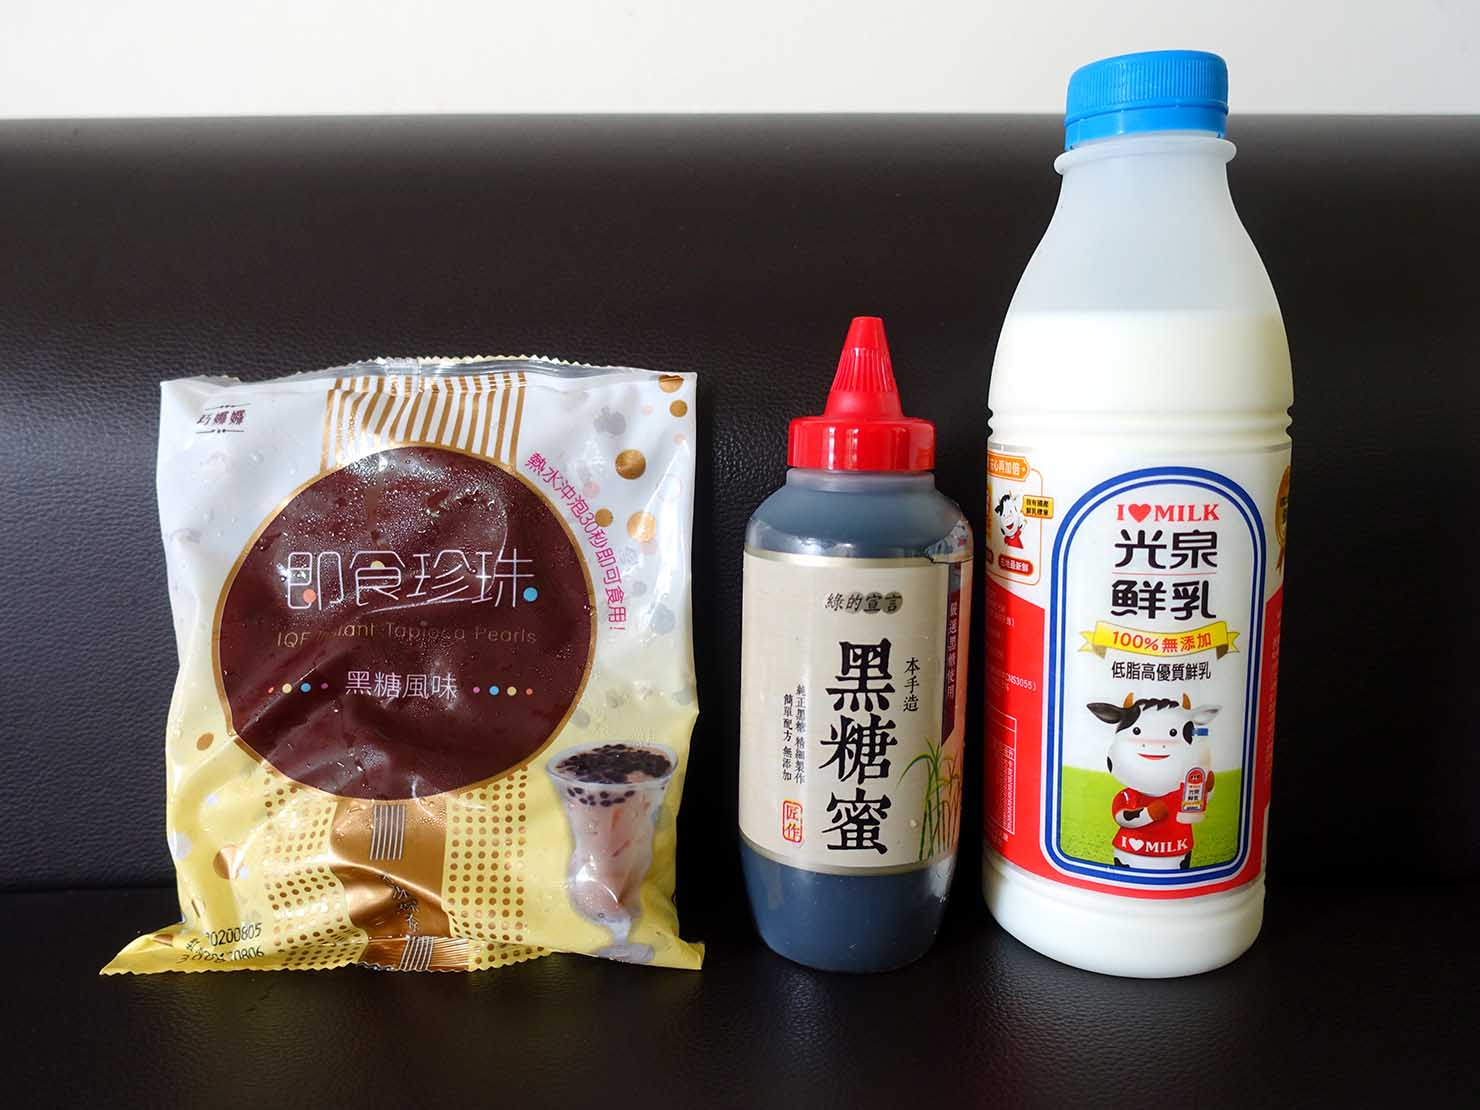 台湾のスーパーで手に入る冷凍タピオカ「即食珍珠」で作るタピオカミルクの材料